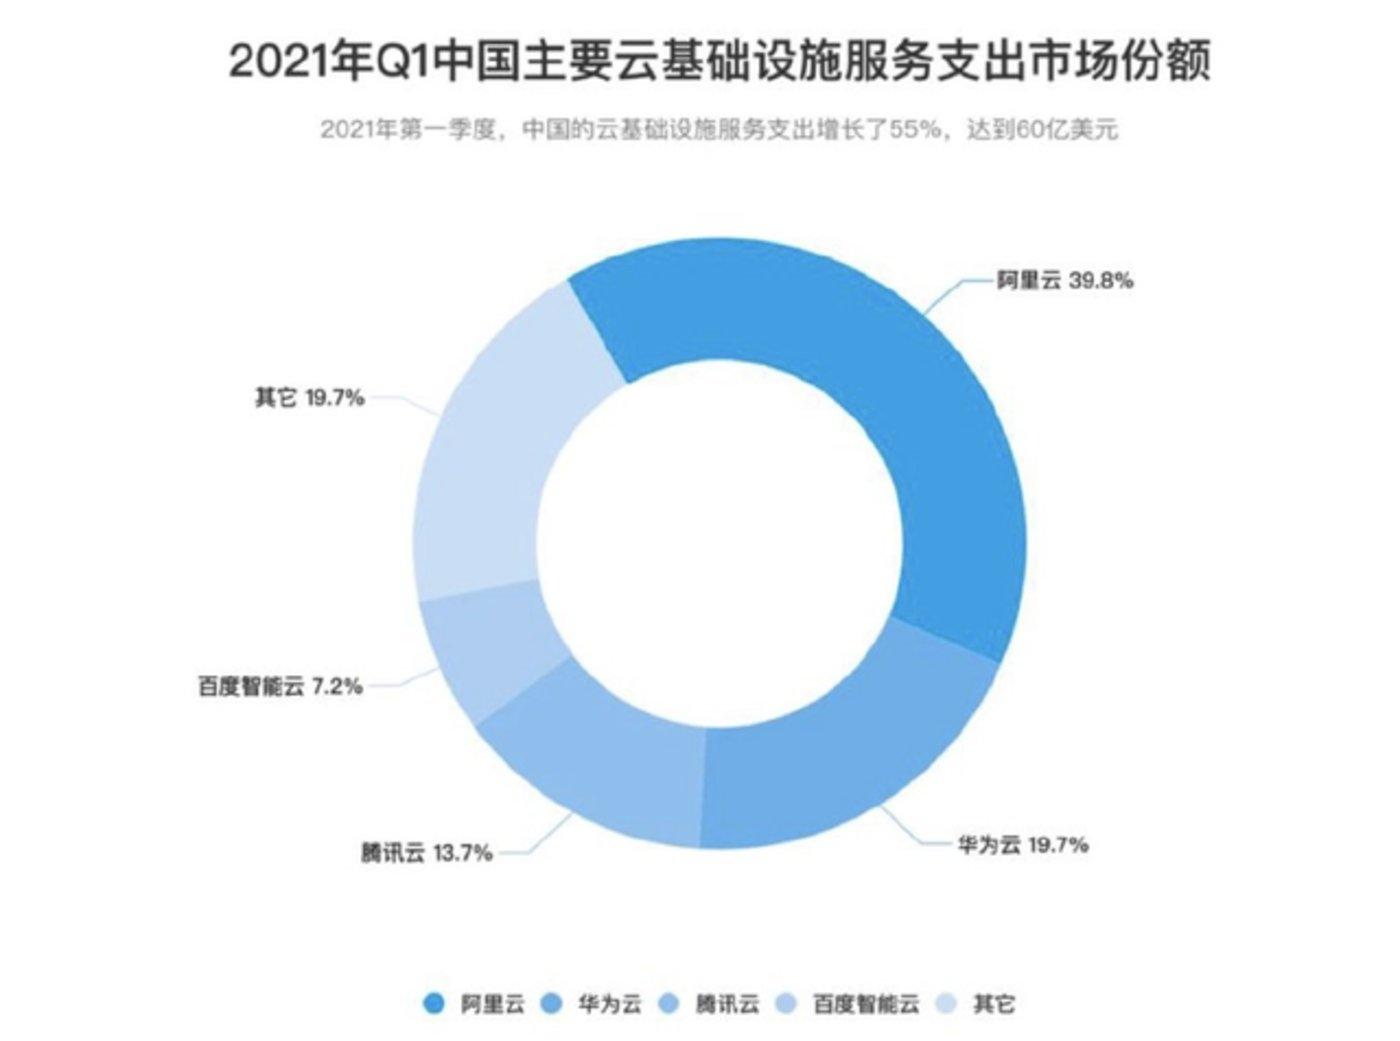 2021年Q1中国主要云基础设施服务支出市场份额(Canalys)